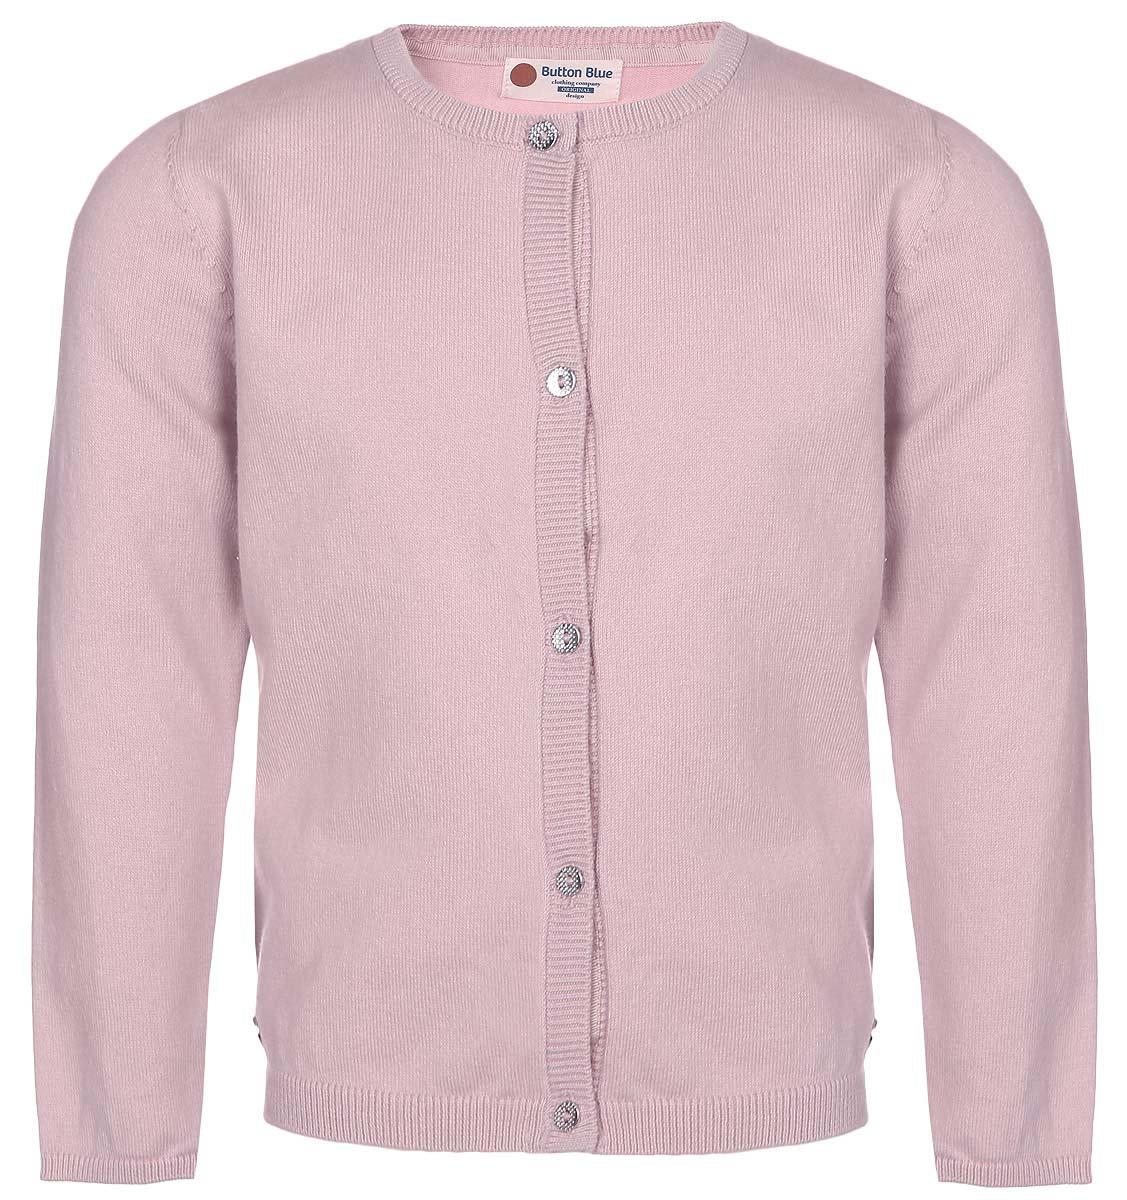 Кардиган для девочки Button Blue, цвет: розовый. 216BBGC35021200. Размер 98, 3 года шапка button blue button blue bu019cgwue64